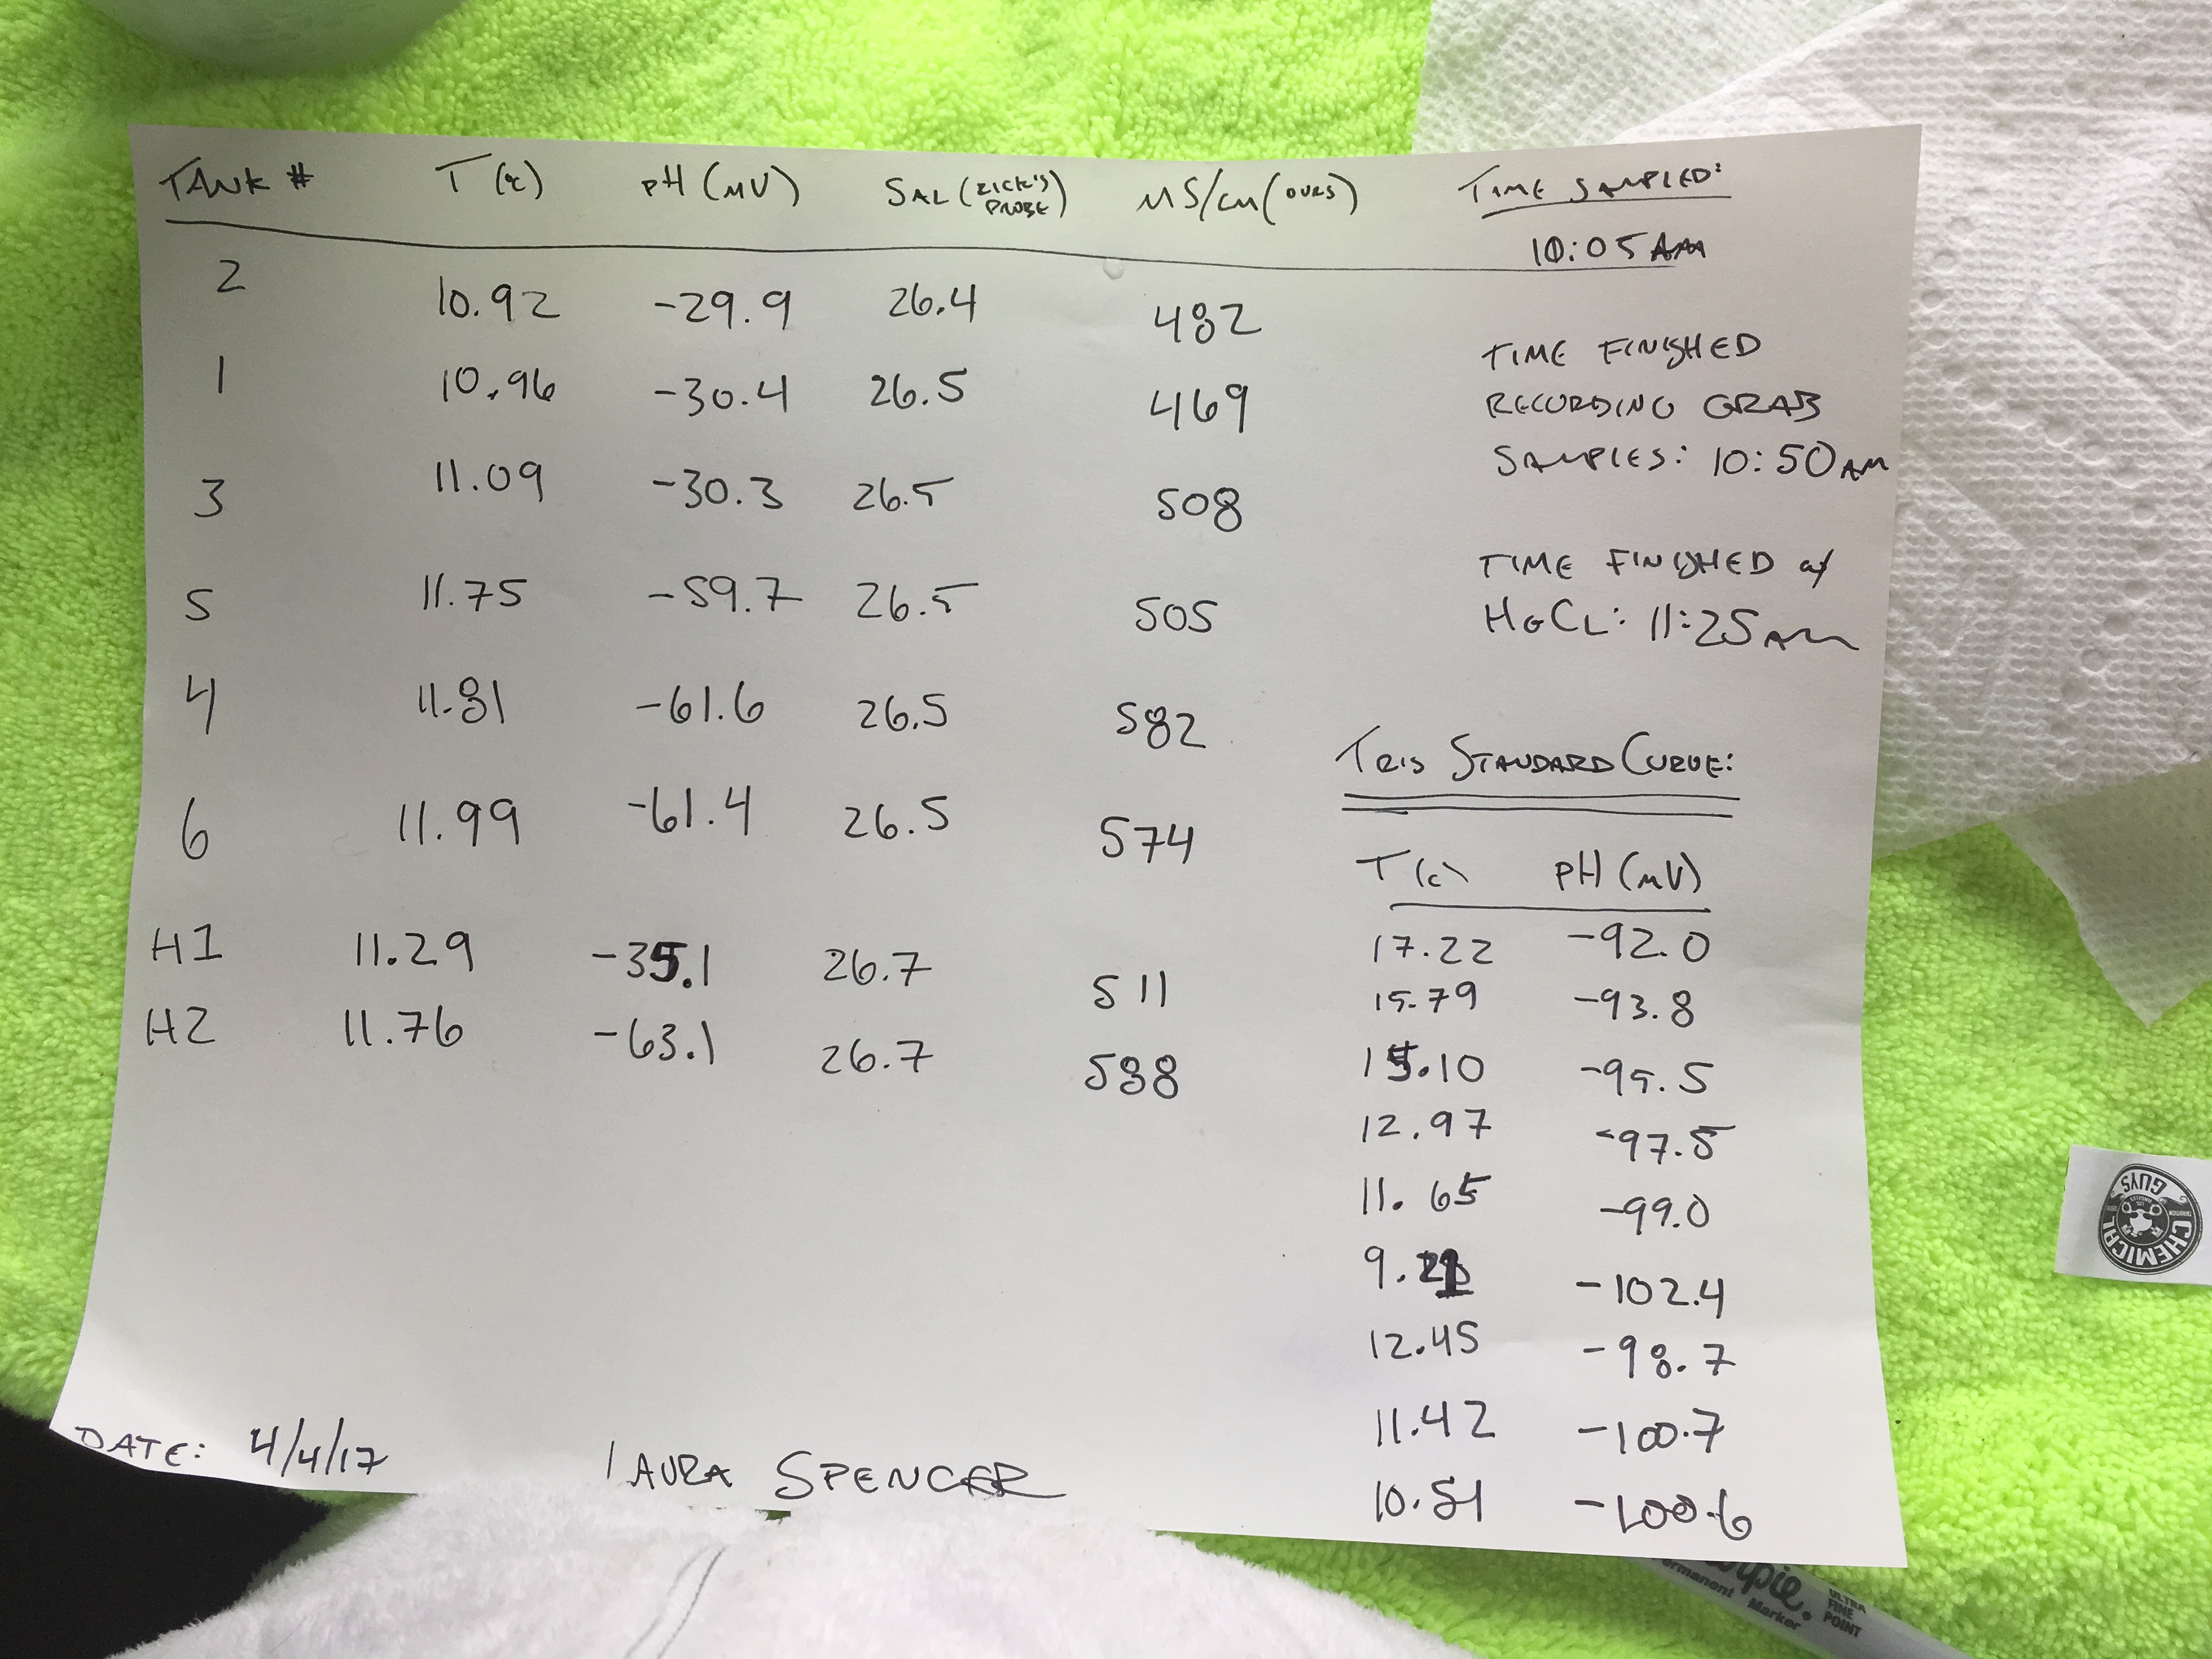 data sheet 04-04-2017